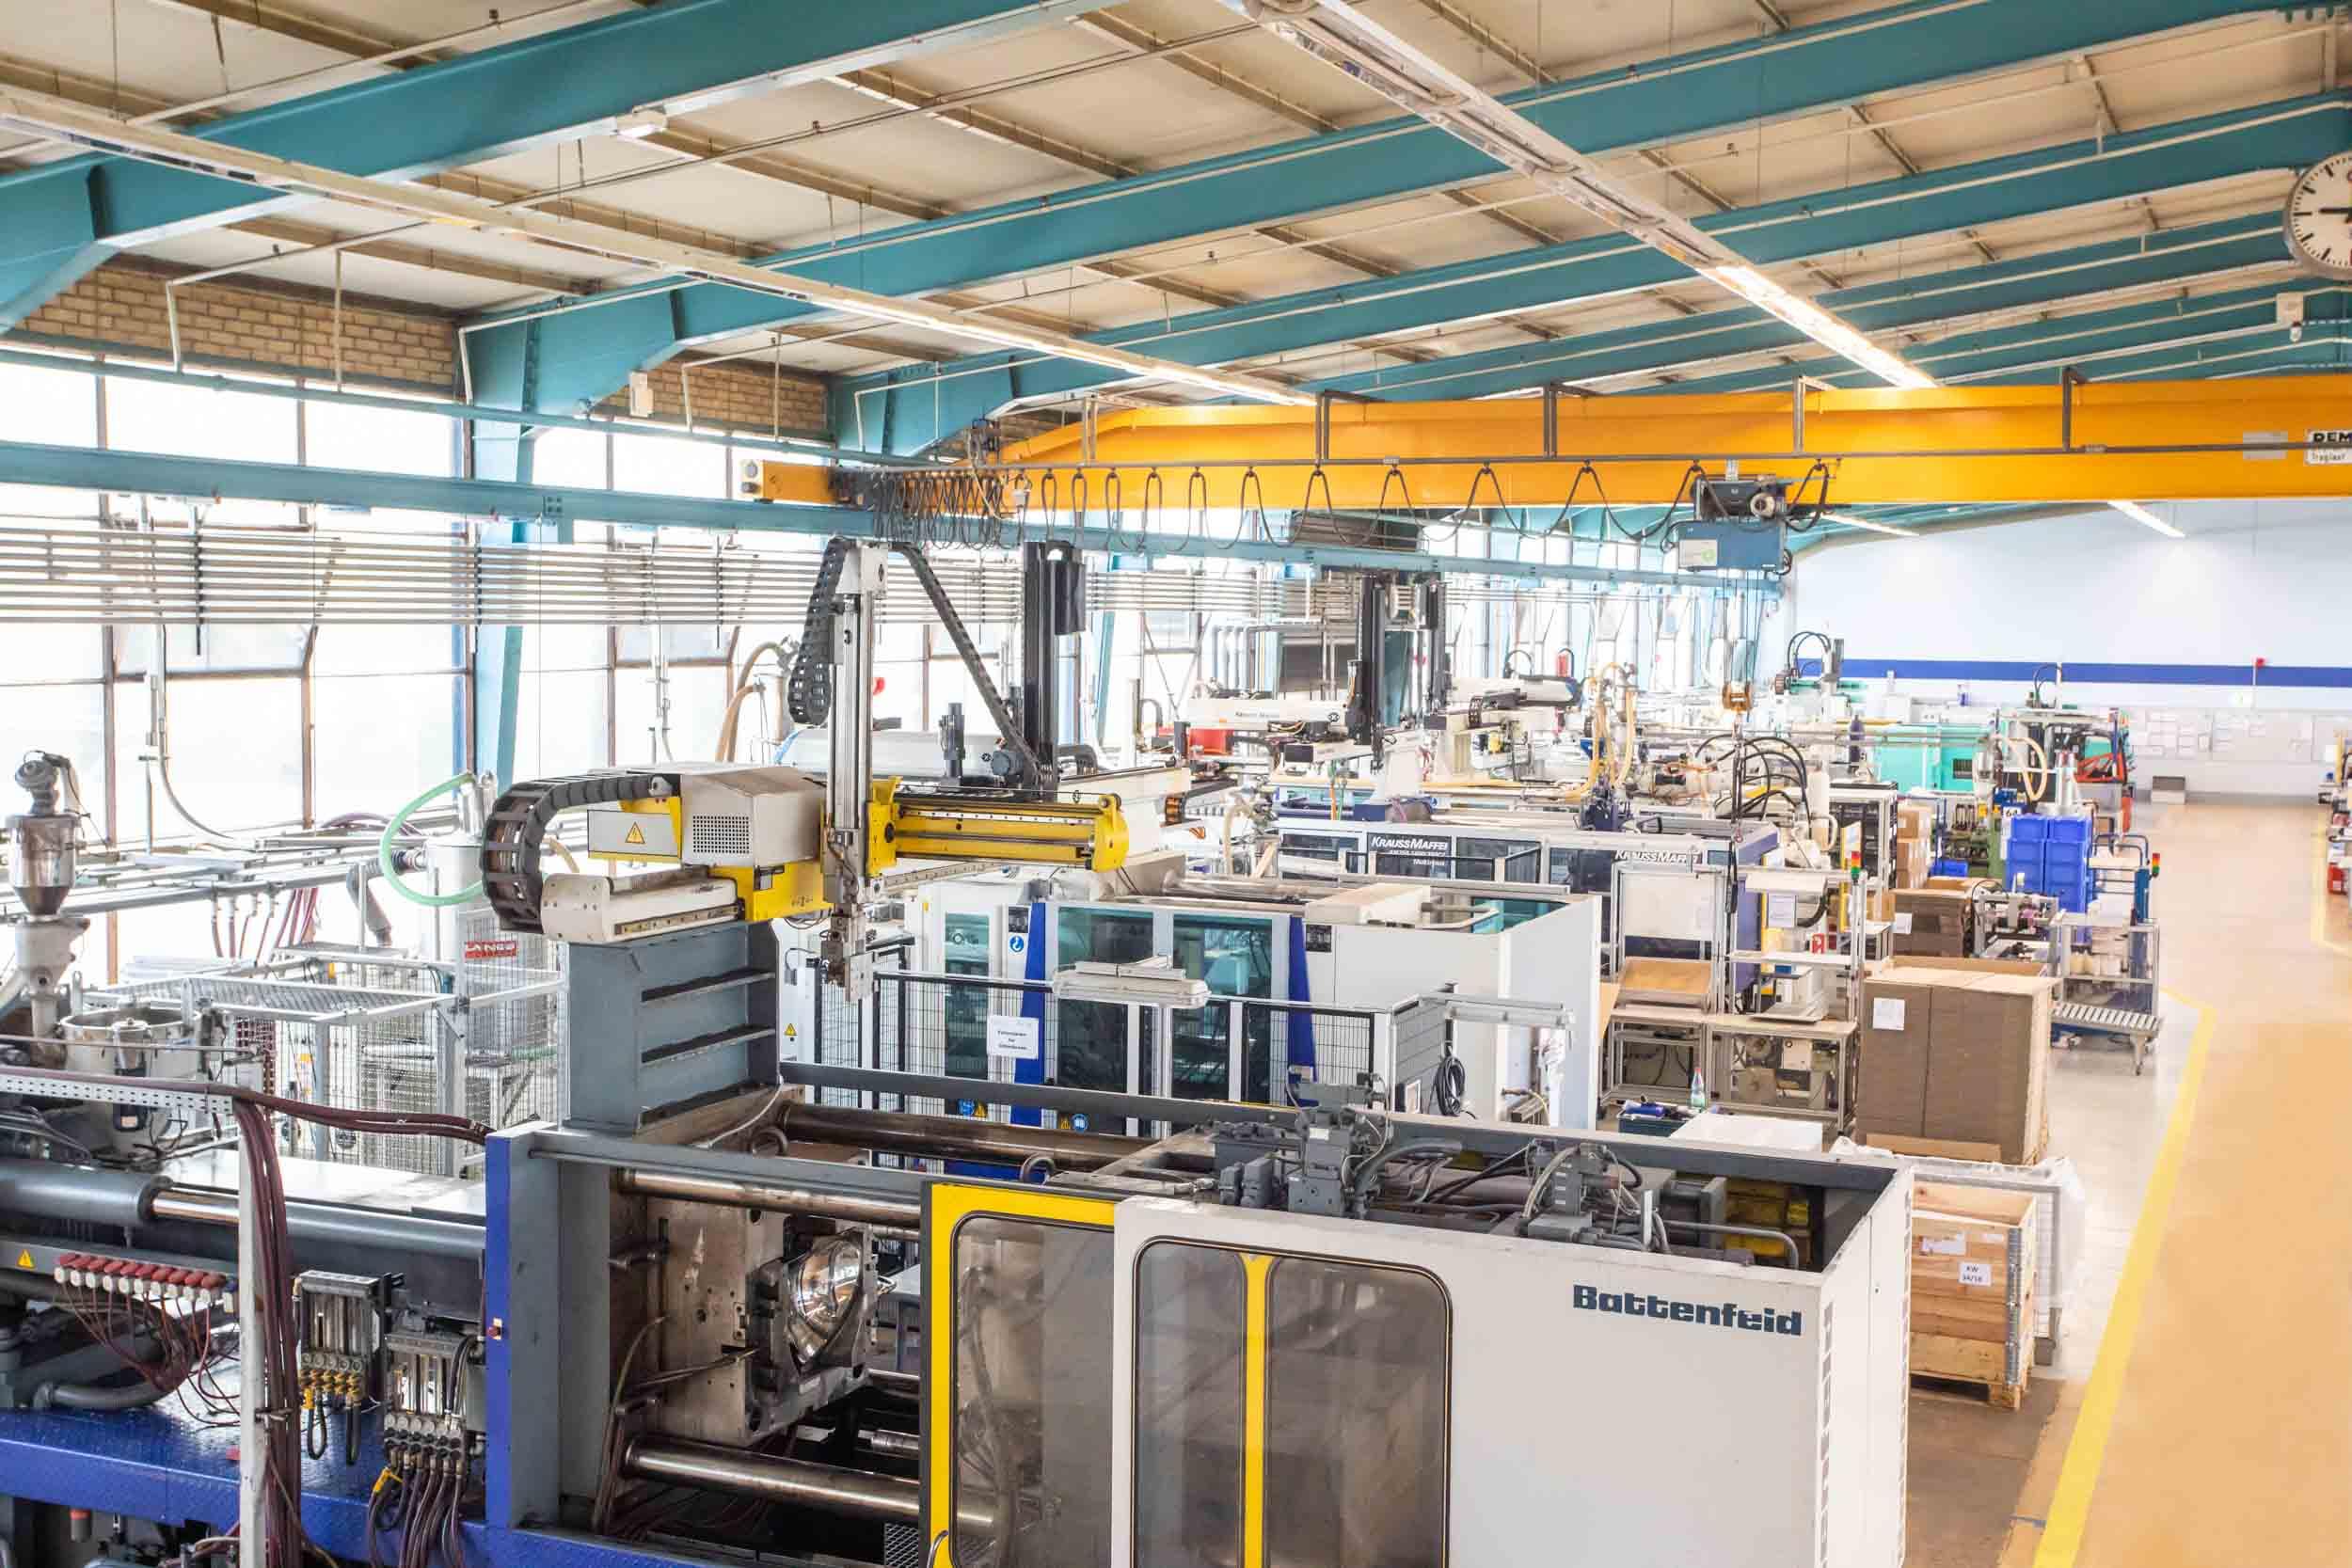 Kunststoffverarbeitung Winter Maschinen Produktionshalle Spritzgussformen